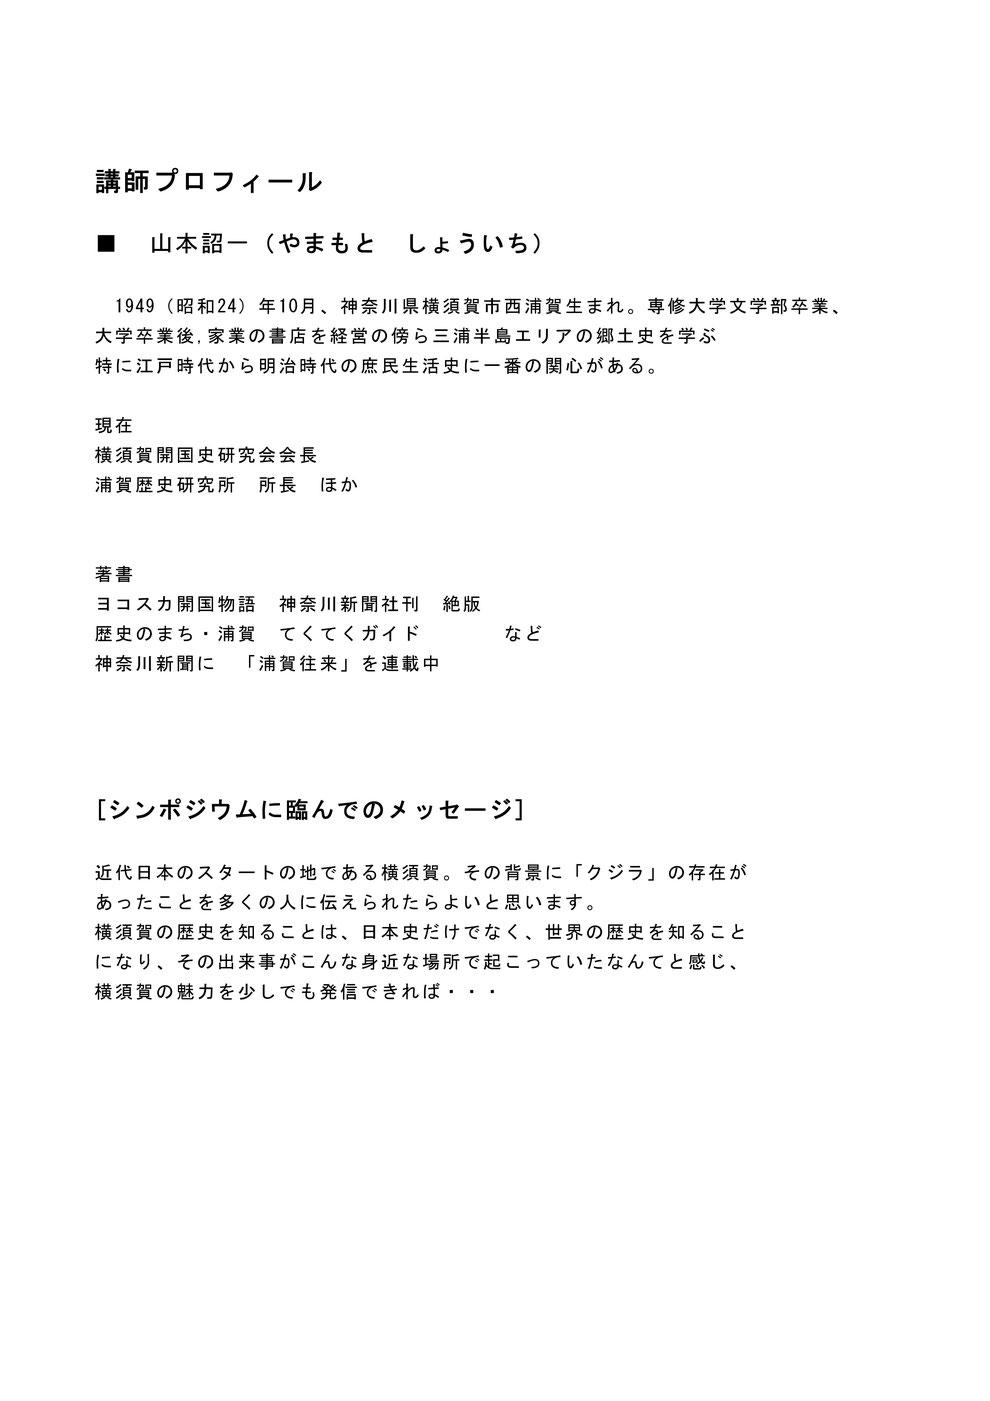 海洋シンポジウム2019 プログラム3ページ目